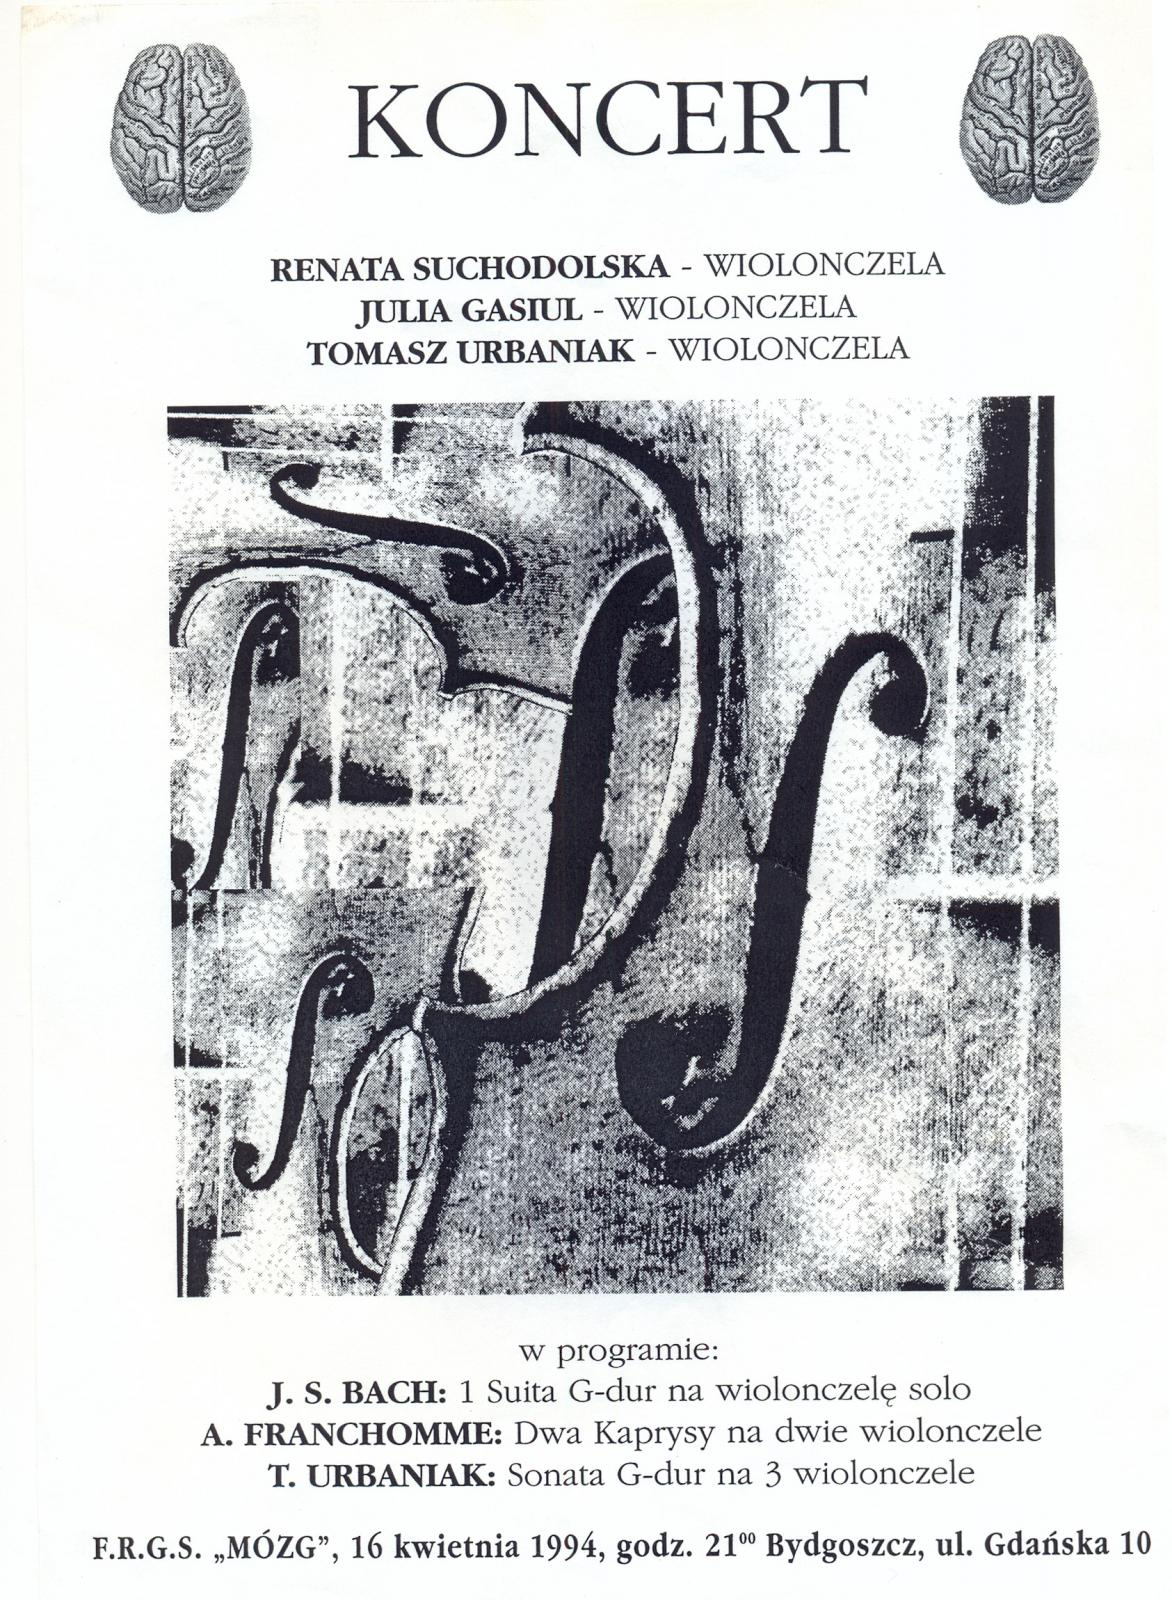 Trio wiolonczelowe: Renata Suchodolska, Julia Gasiul, Tomasz Urbaniak